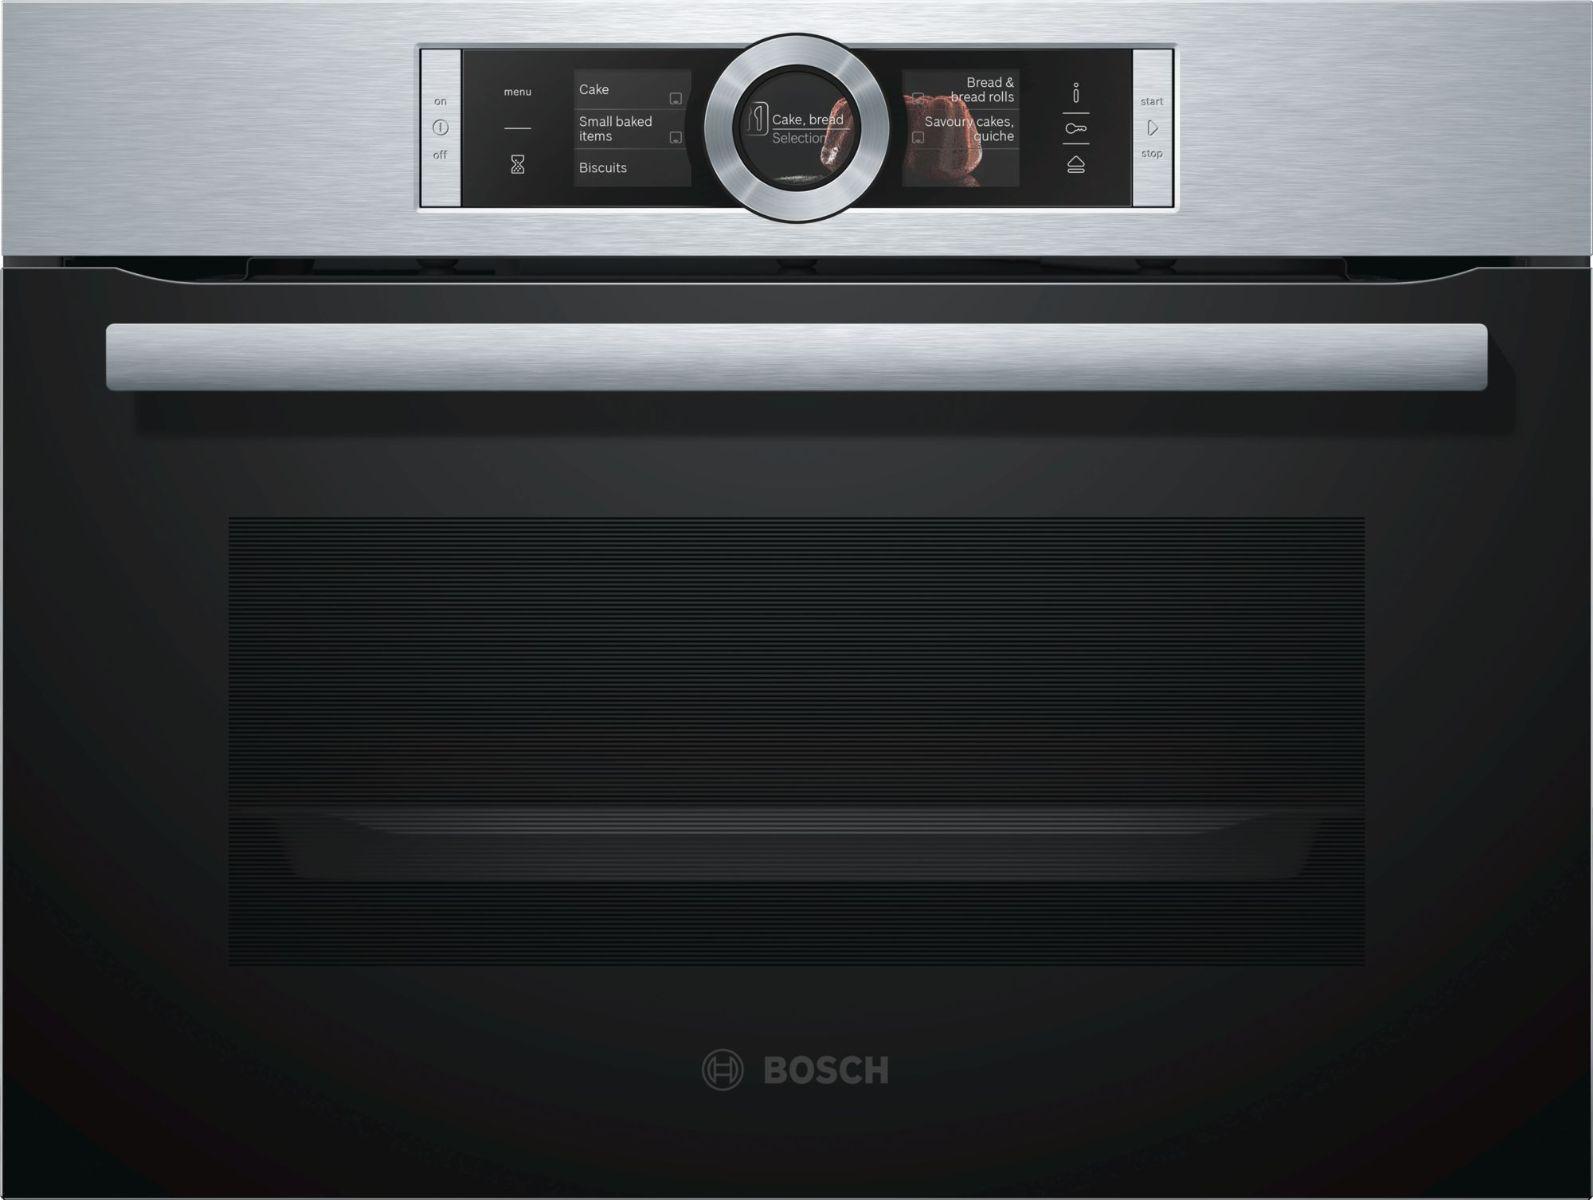 Lò nướng kết hợp hấp Bosch CSG656BS1